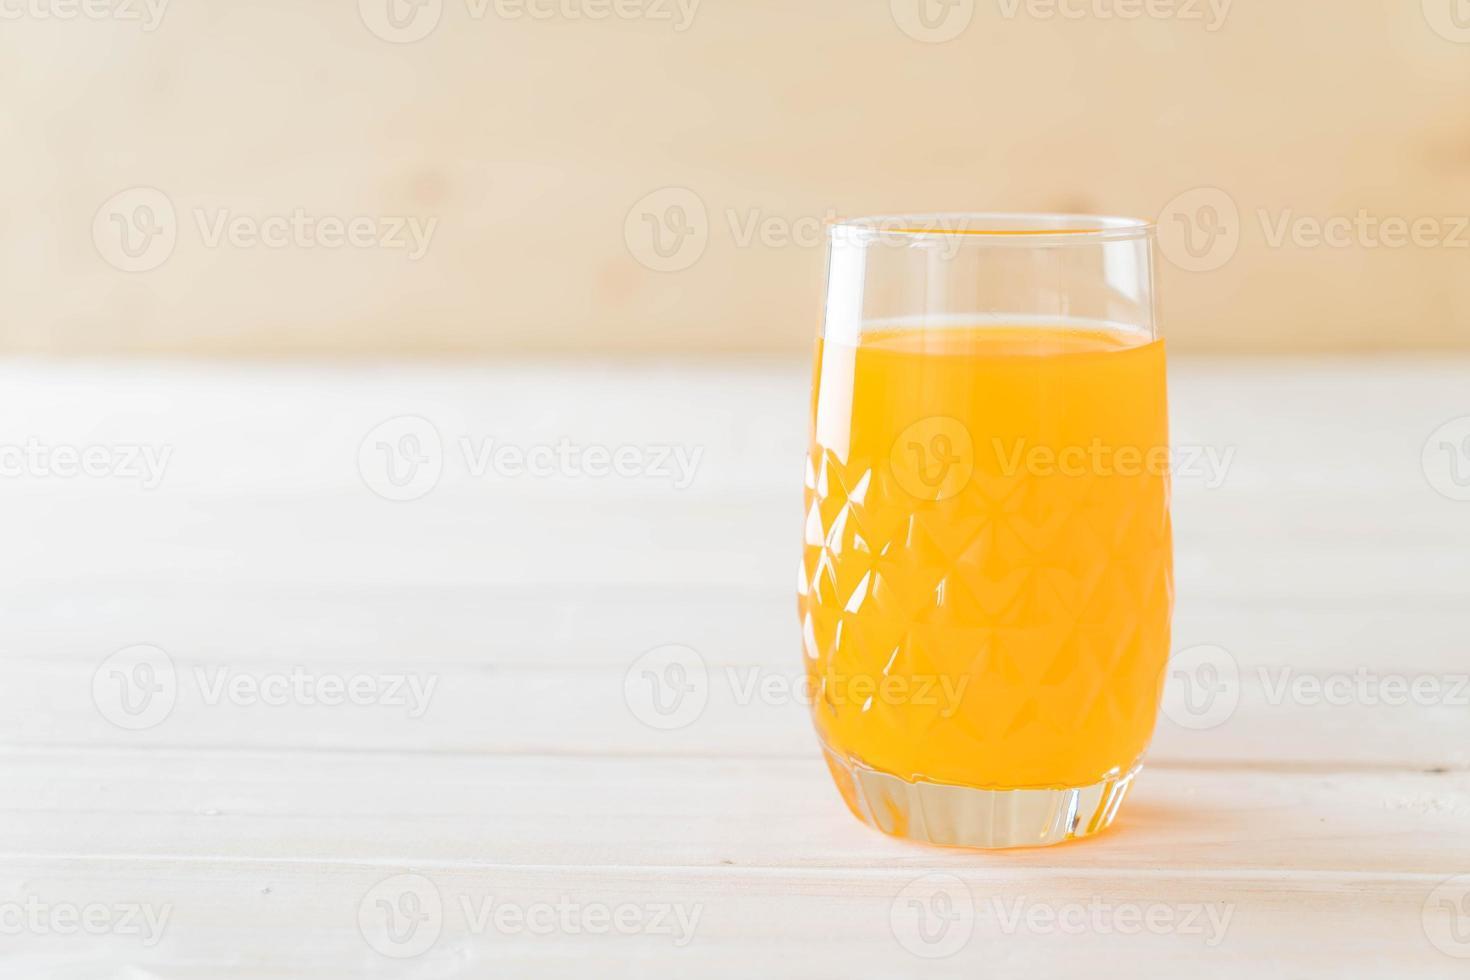 bicchiere di succo d'arancia su sfondo bianco foto